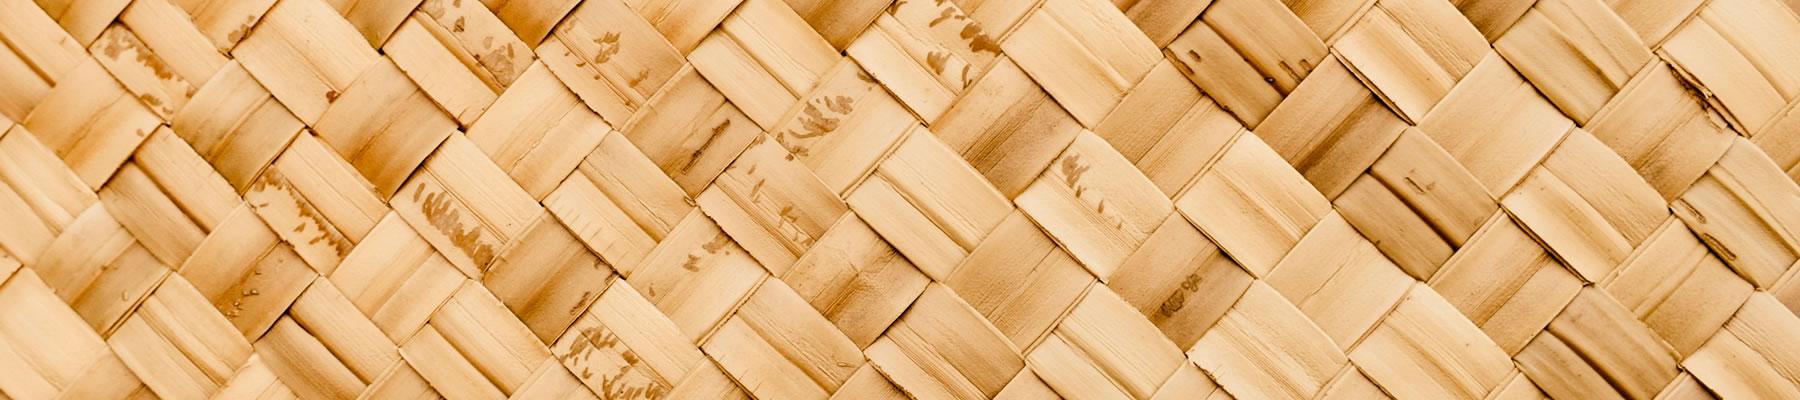 woven_wood